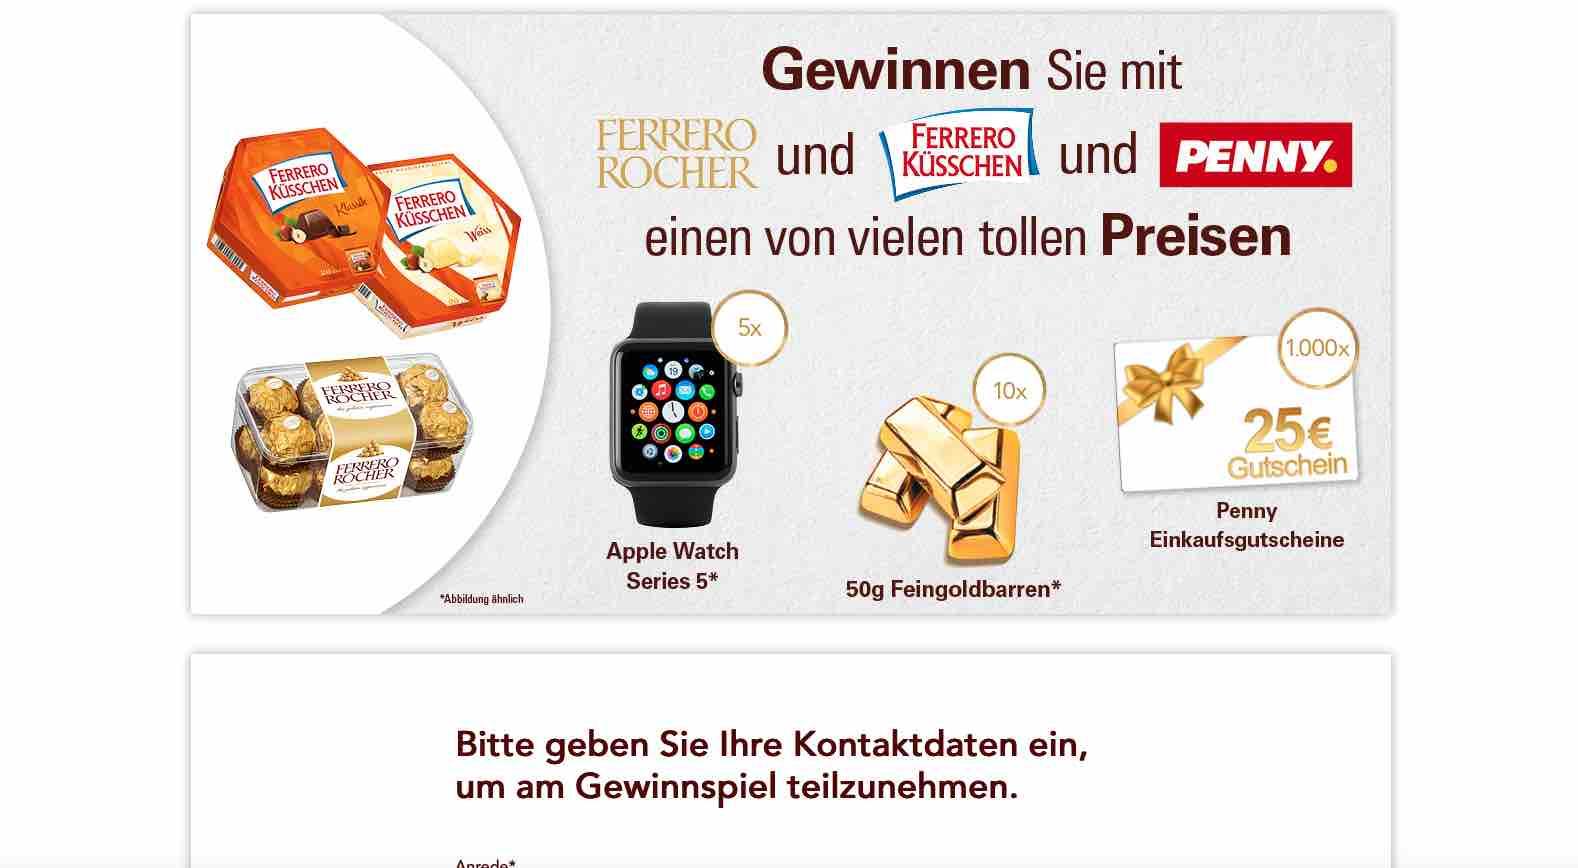 Ferrero Rocher Apple Watch Gewinnspiel